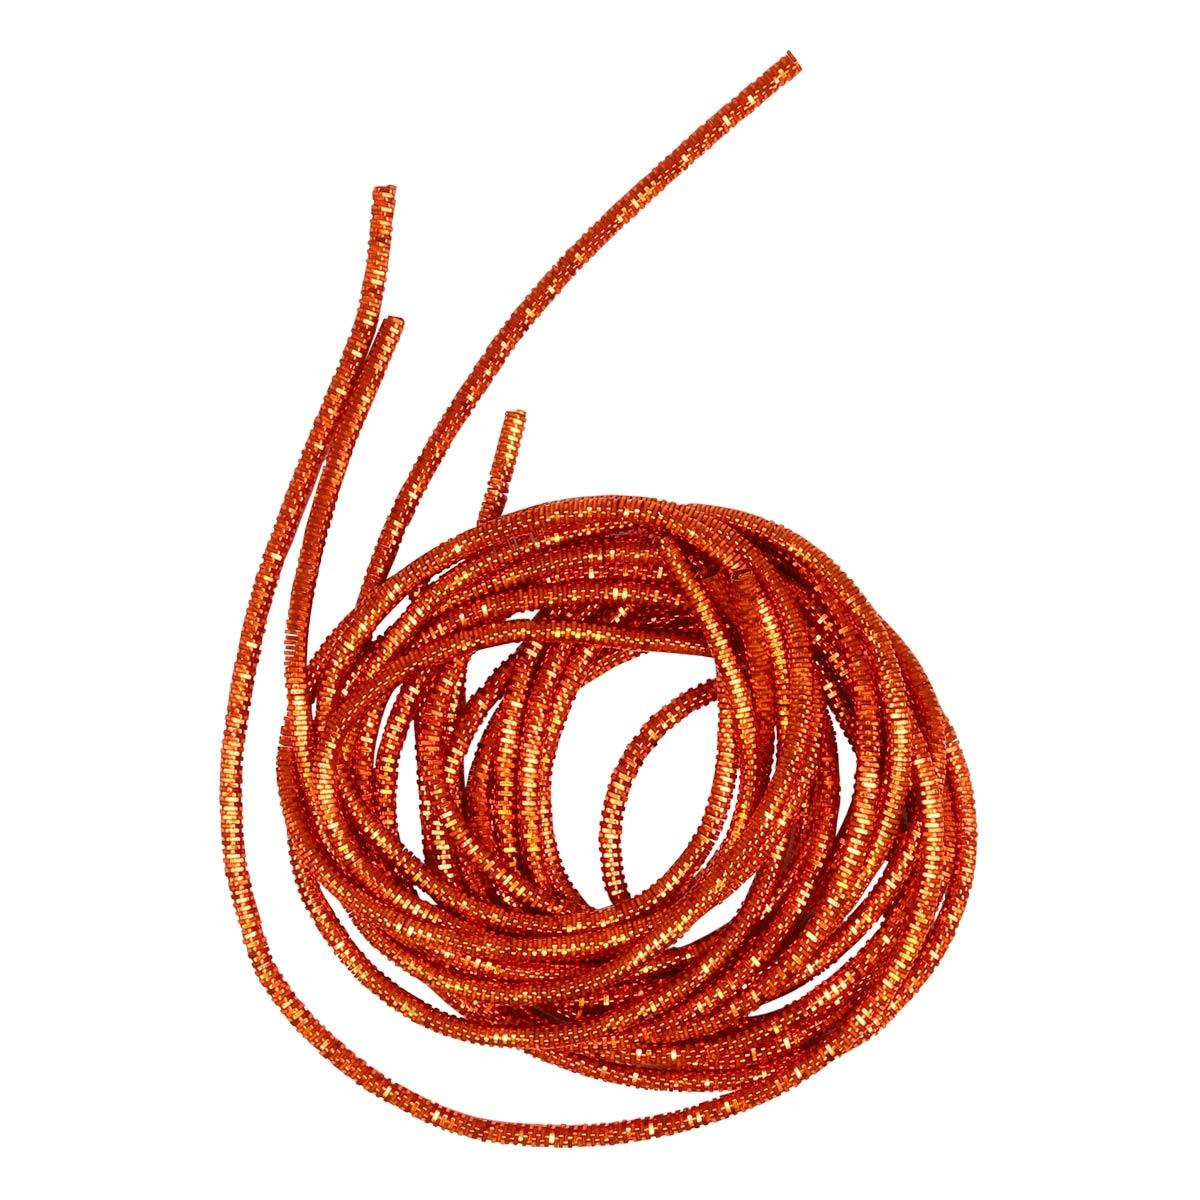 ТК026НН1 Трунцал Рыжий 1,5 мм 5 гр. +/- 0,1 гр.